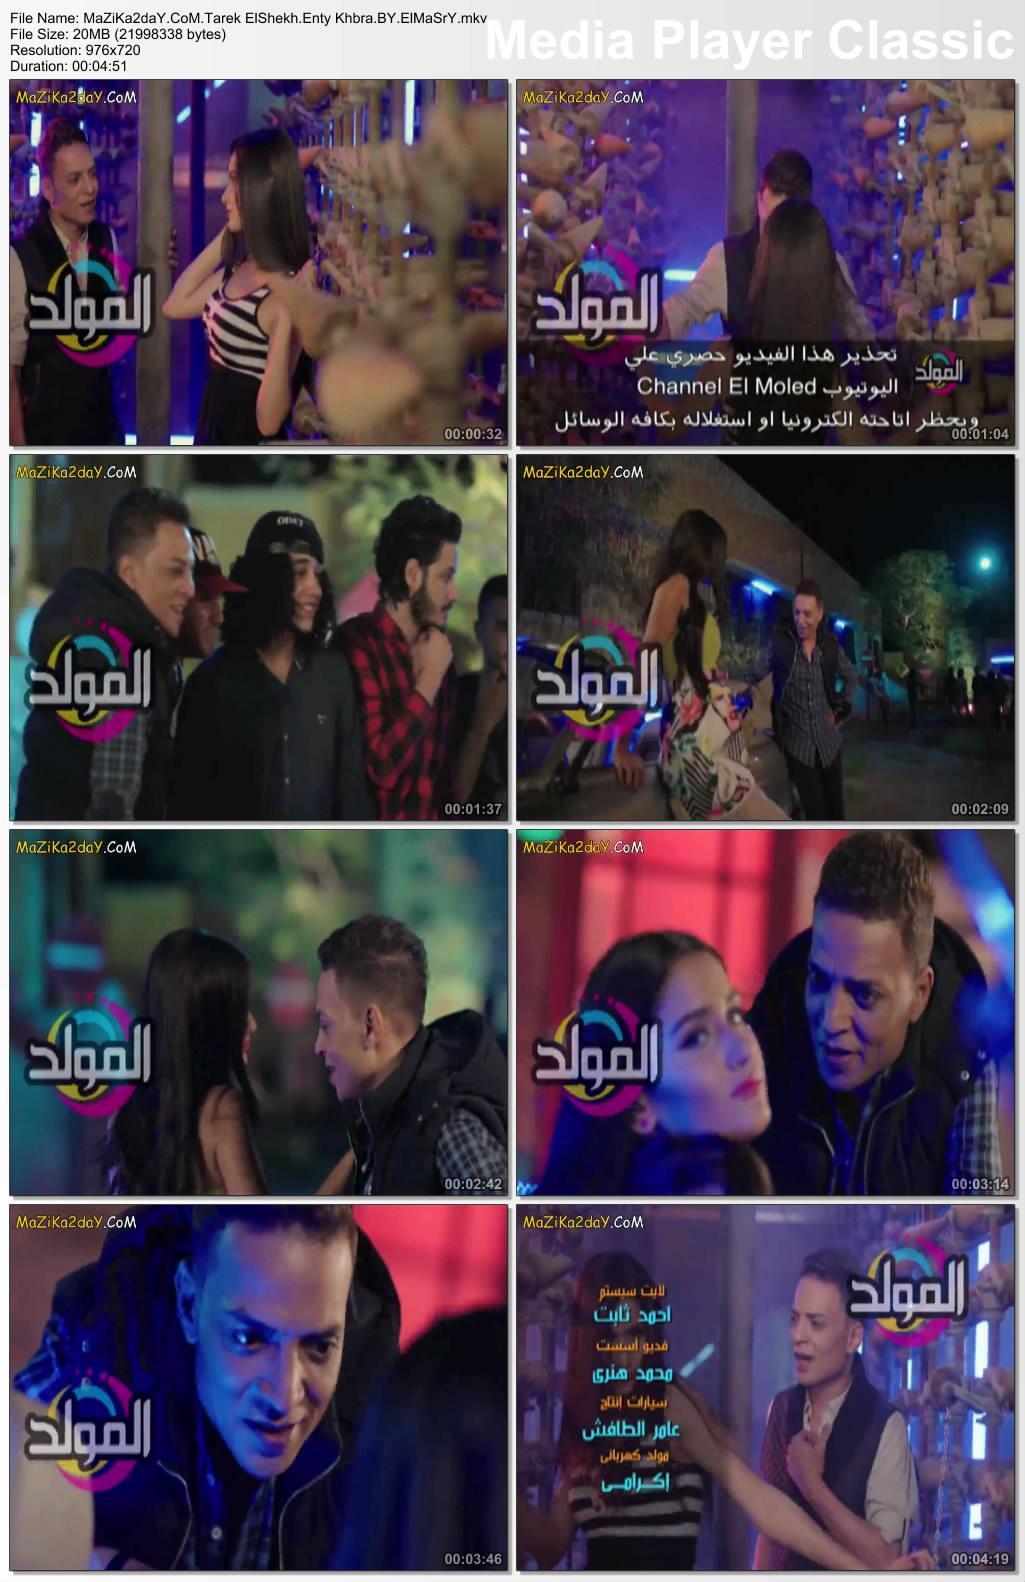 كليب طارق الشيخ - انتي خبرة 720p HD + الاغنية Mp3 تحميل مباشر 631143872